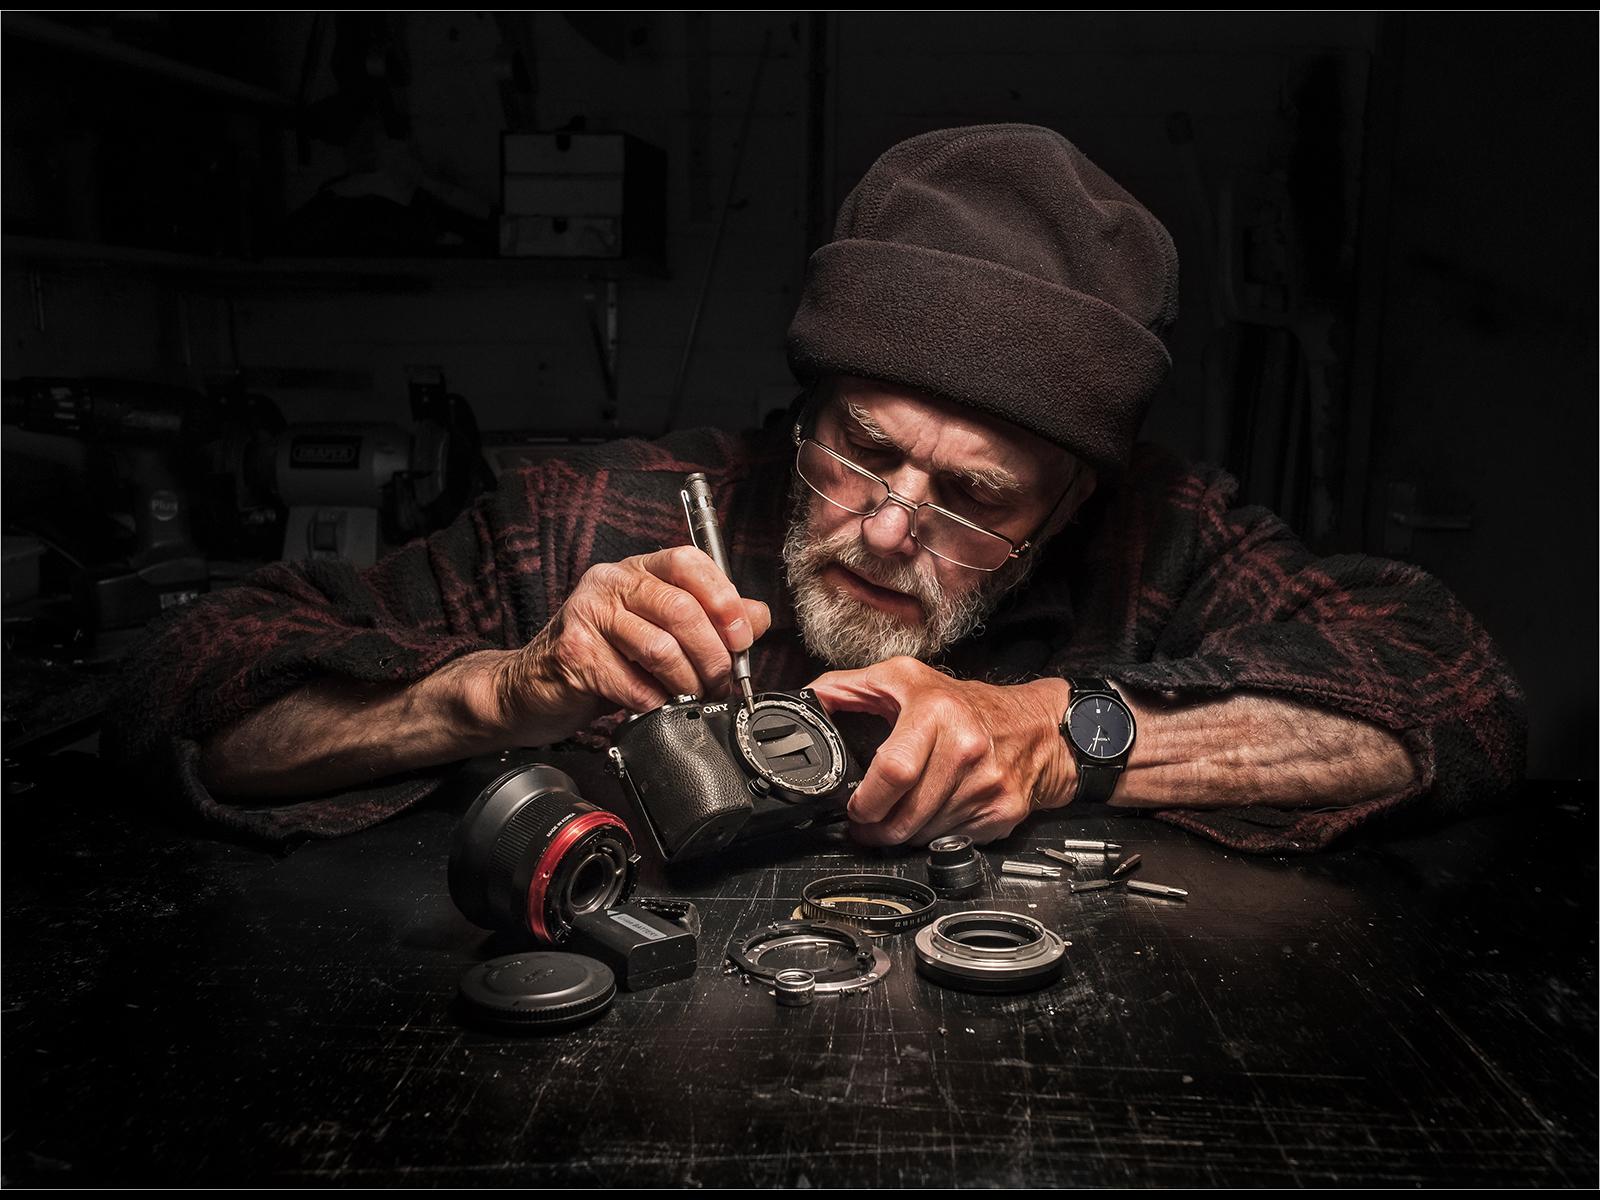 N0254096_Bill Smith_Beyond Repair